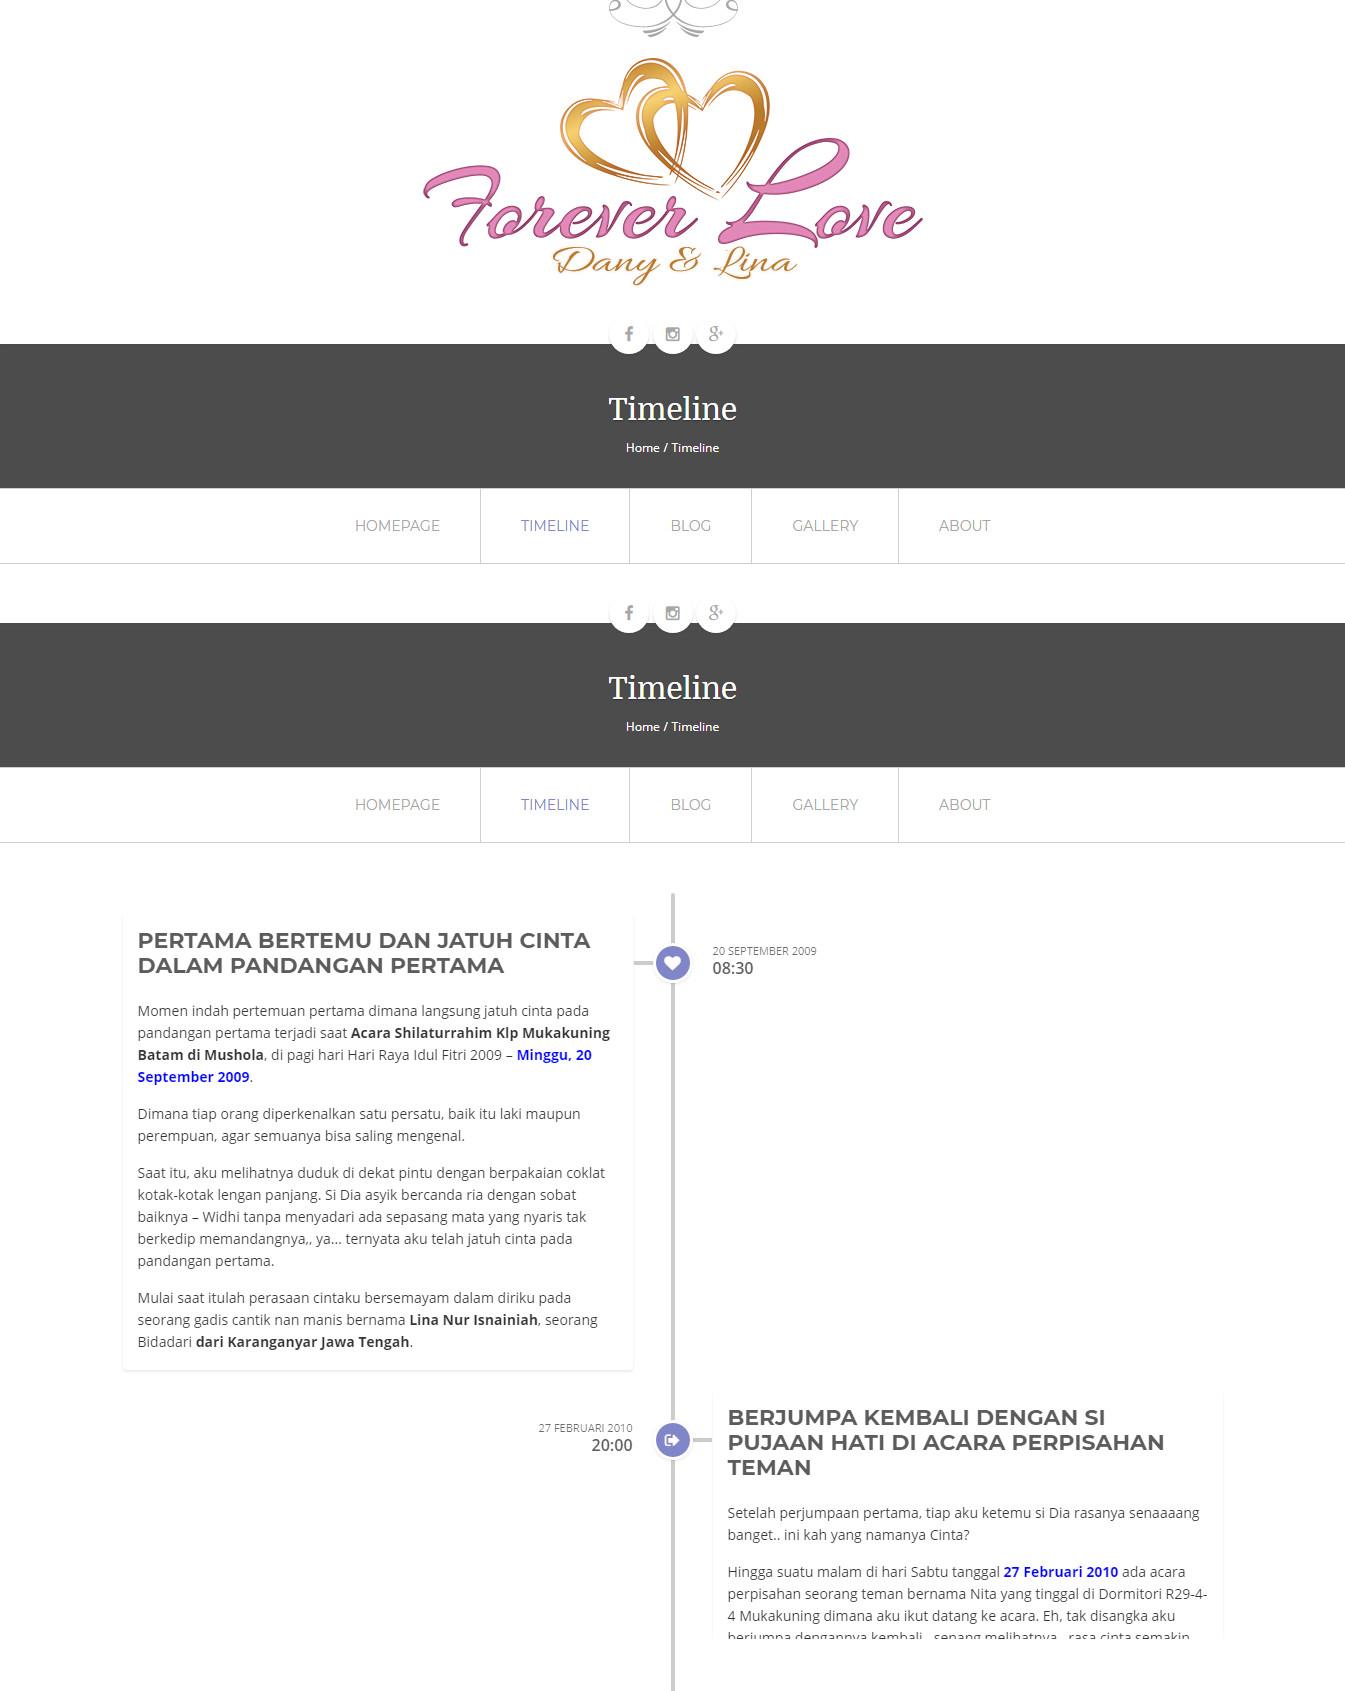 screenshot-weblog-timeline